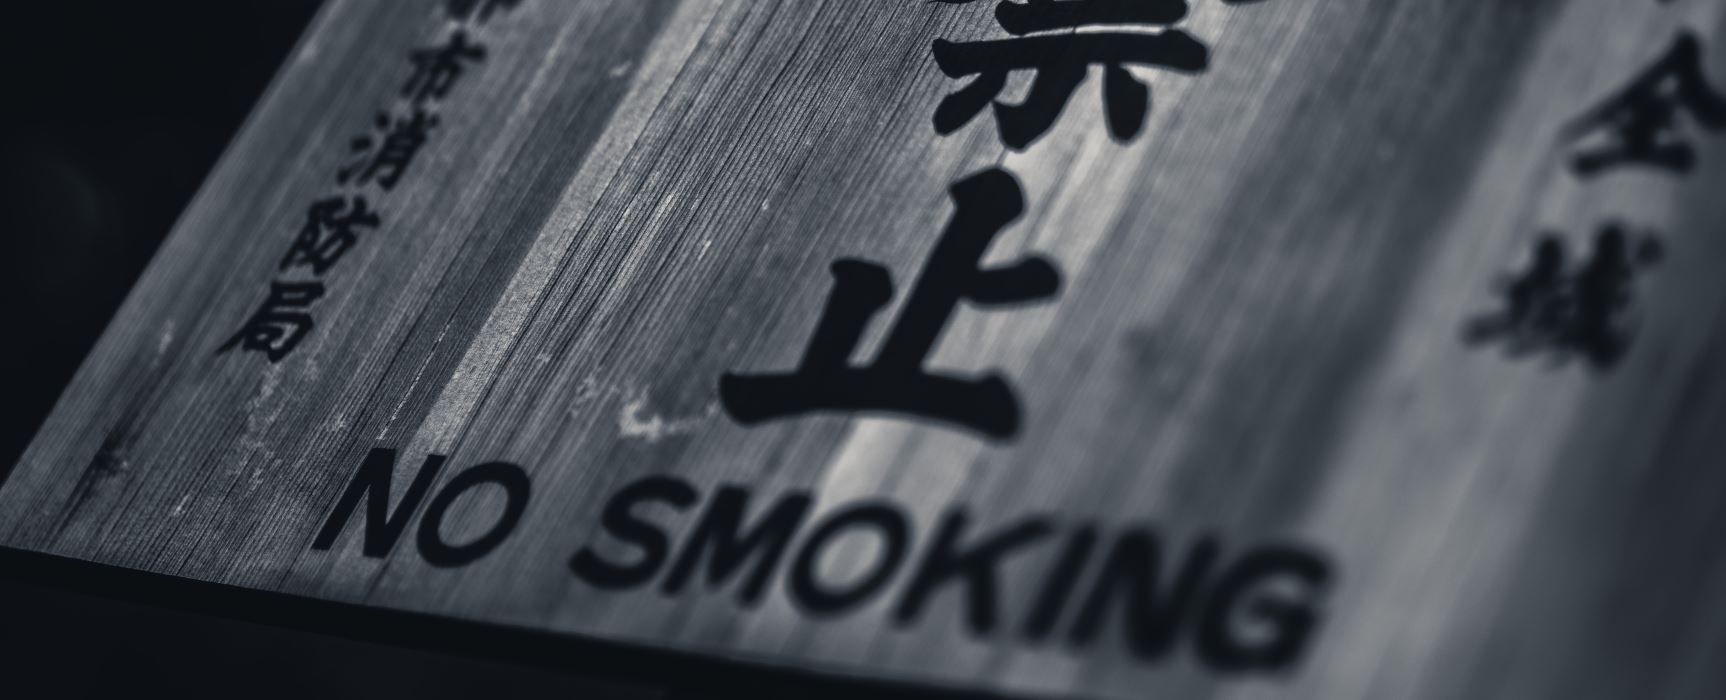 Zehn wichtige Regeln für ein sicheres Dampfen-Vergnügen Egal, ob Du schon seit Langem überzeugter Dampfer bist oder die E-Zigarette erst neu für dich entdeckt hast: Ob über die Technik der Hardware oder über den Umgang mit E-Liquids – bei be posh erfährst Du 10 Regeln für ein sicheres Dampfen mit E-Zigaretten.